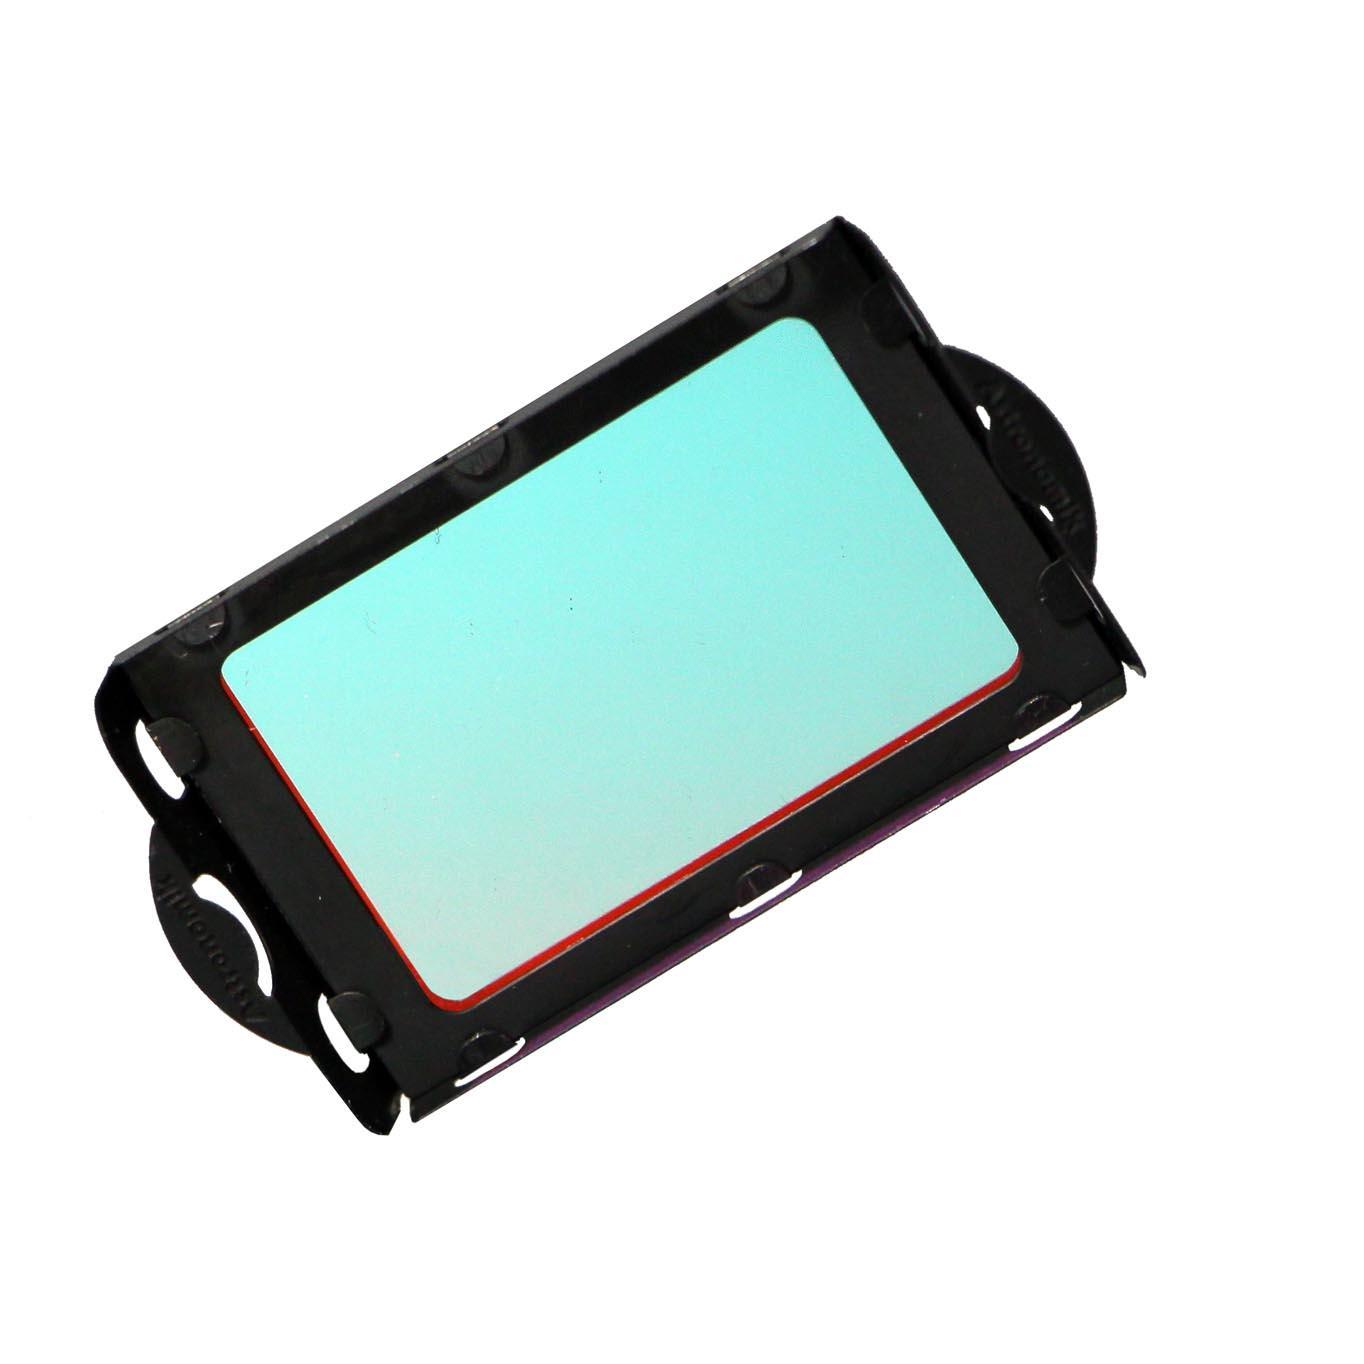 Astronomik Clip Filter per Canon Eos Full size sensor, ProPlanet 742 IR Pass Filter, filtro planetario